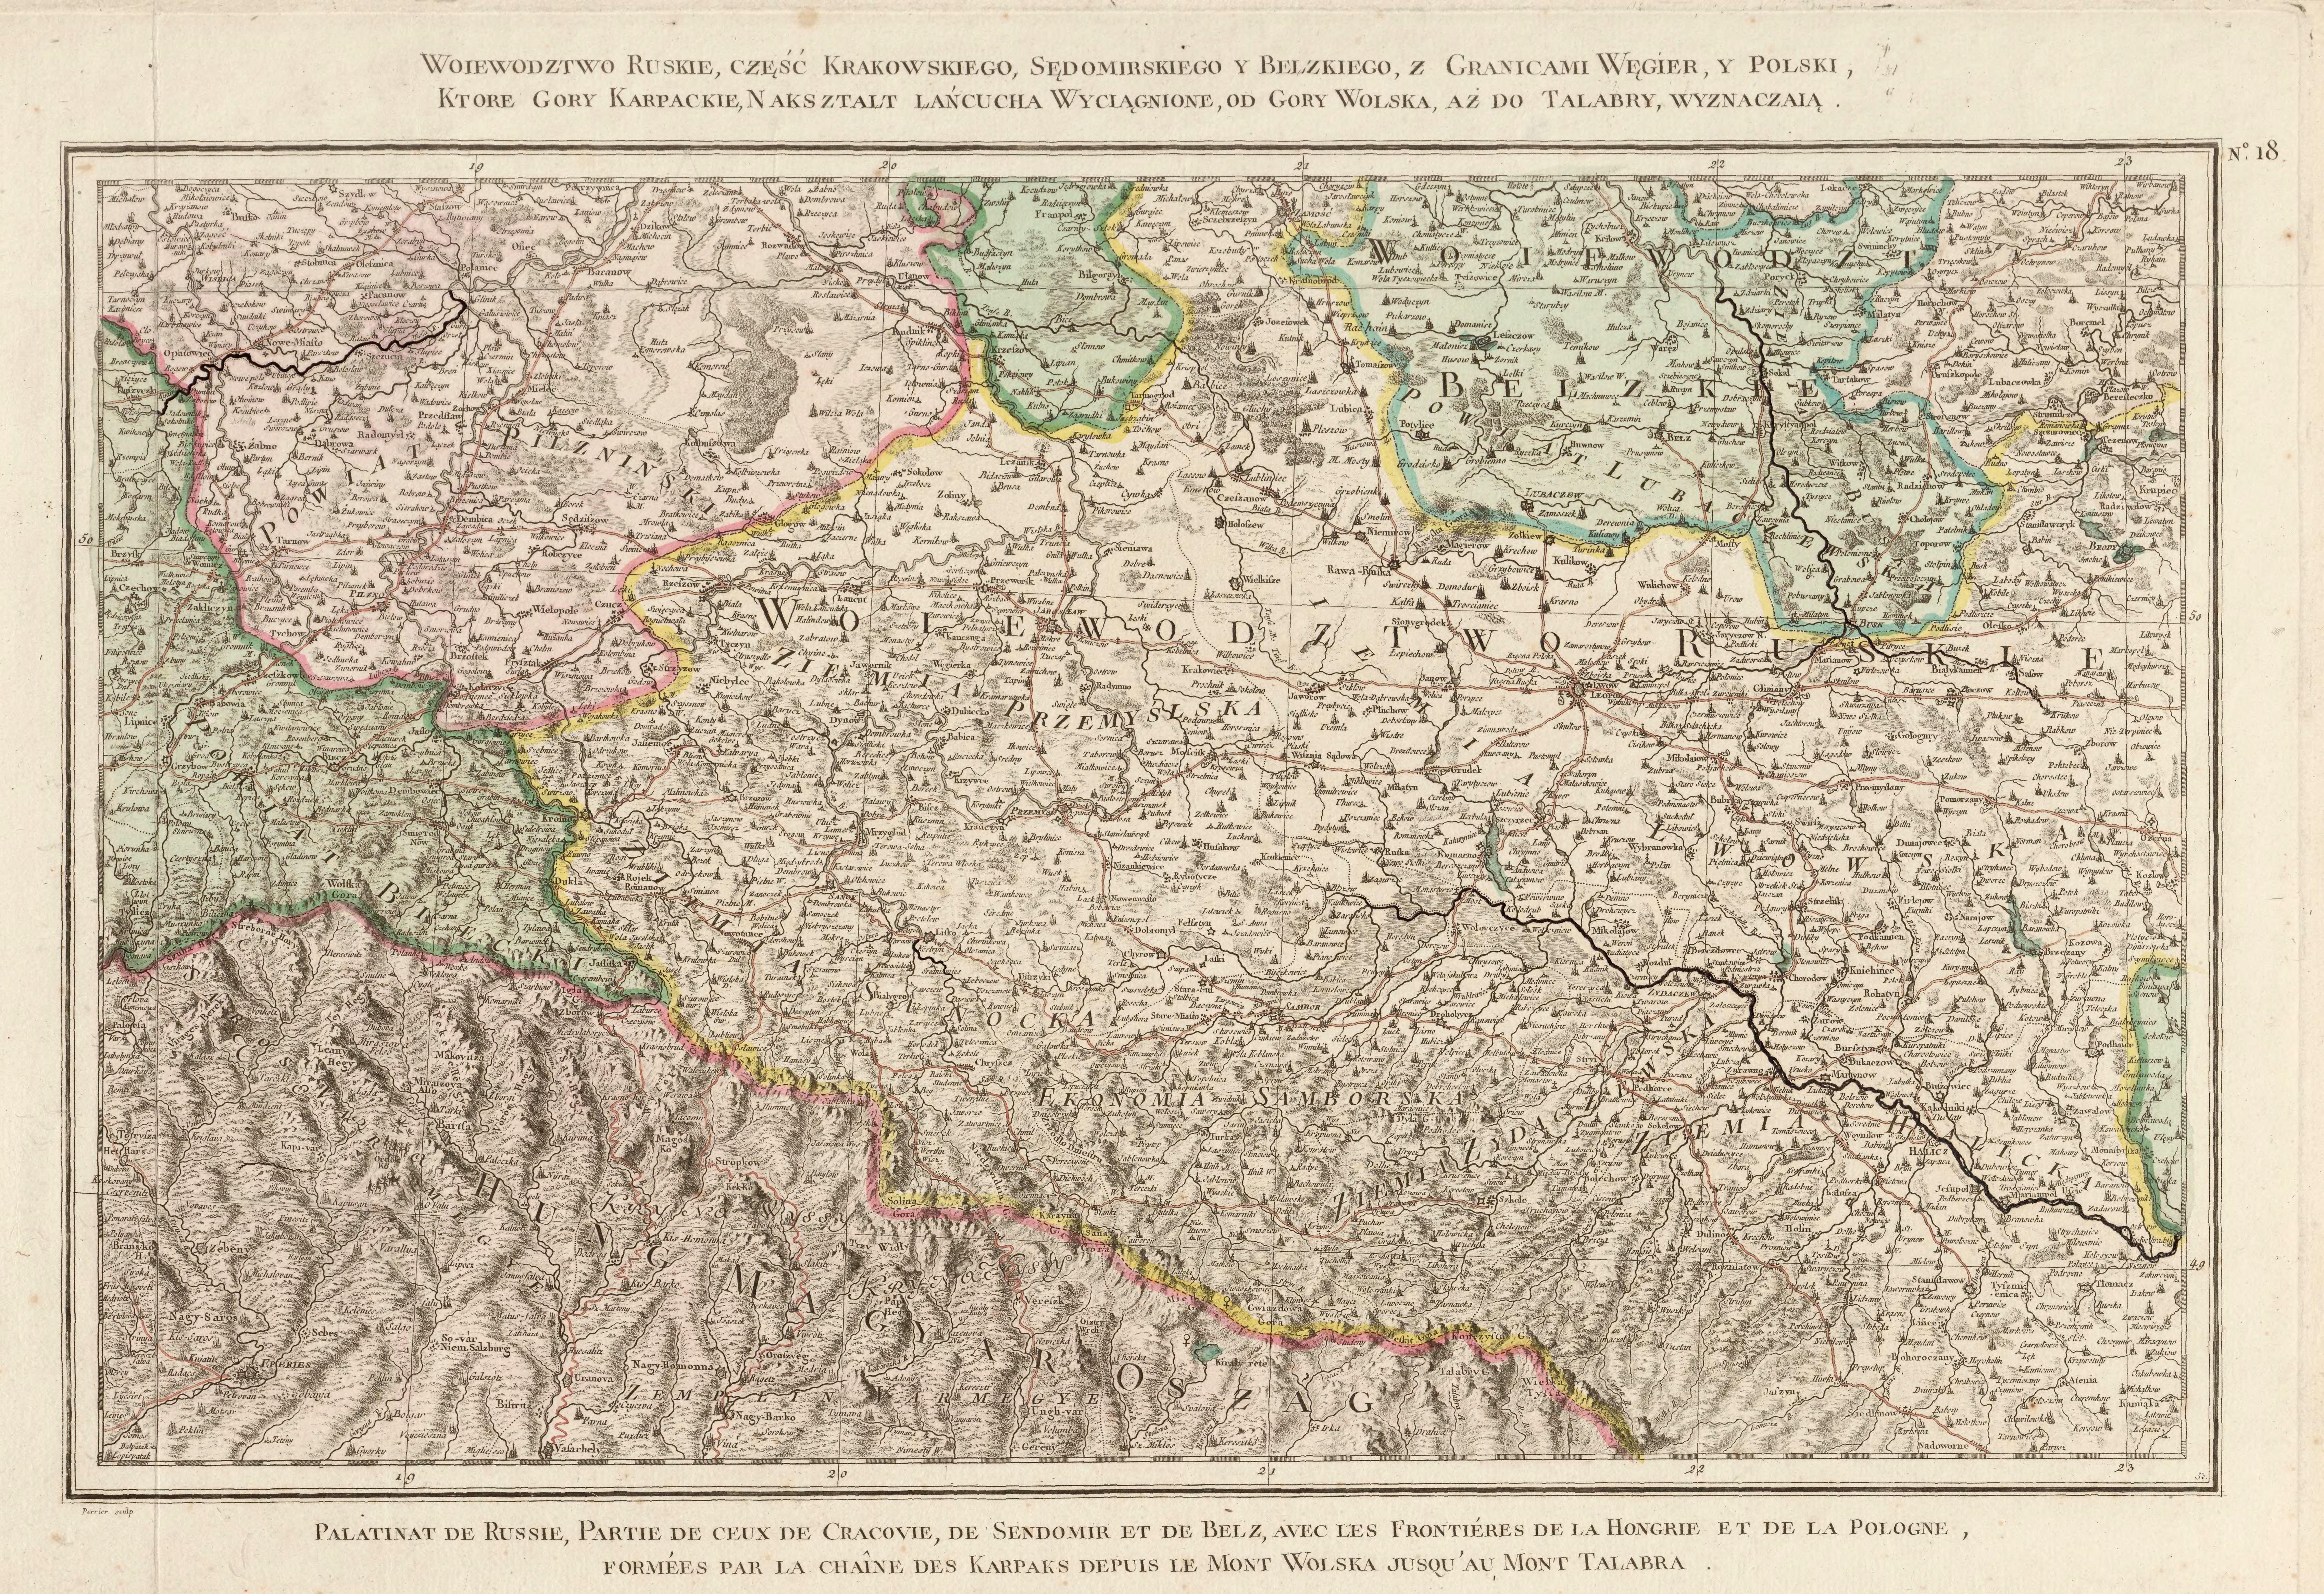 Карта Воеводства Русского